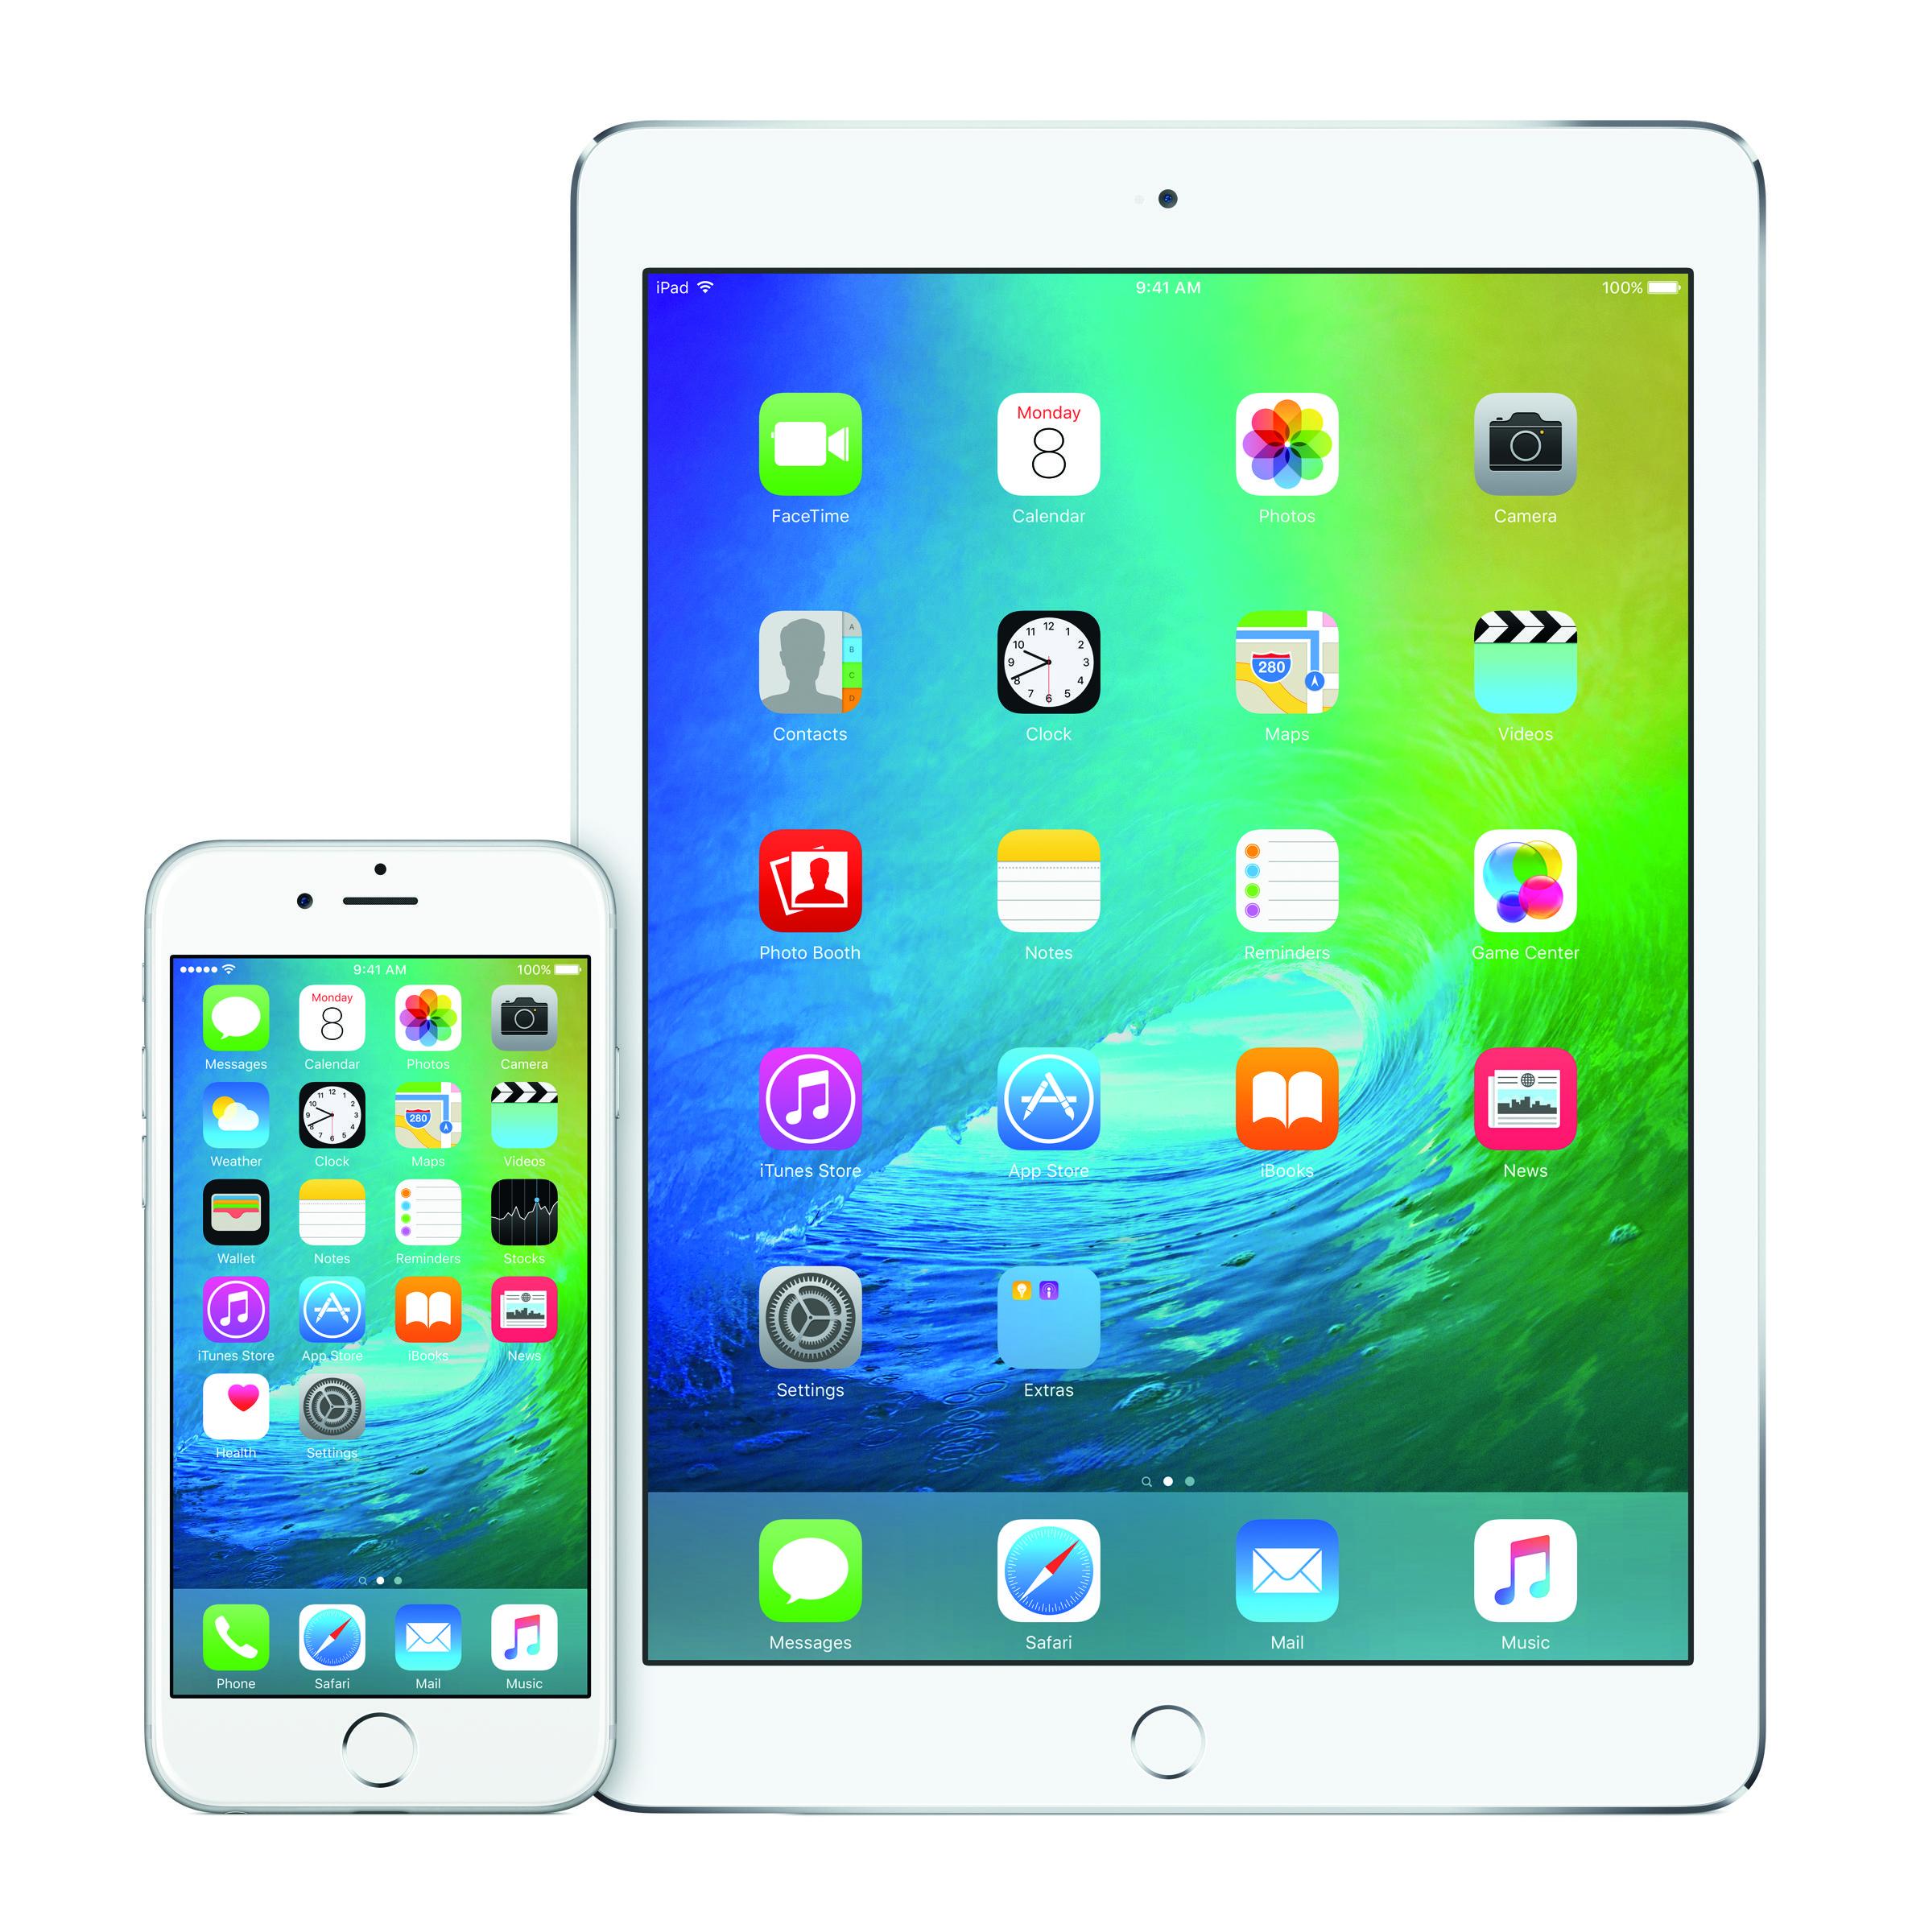 ついにiPhone7も?今夜発表される可能性が高い「Appleの新製品」